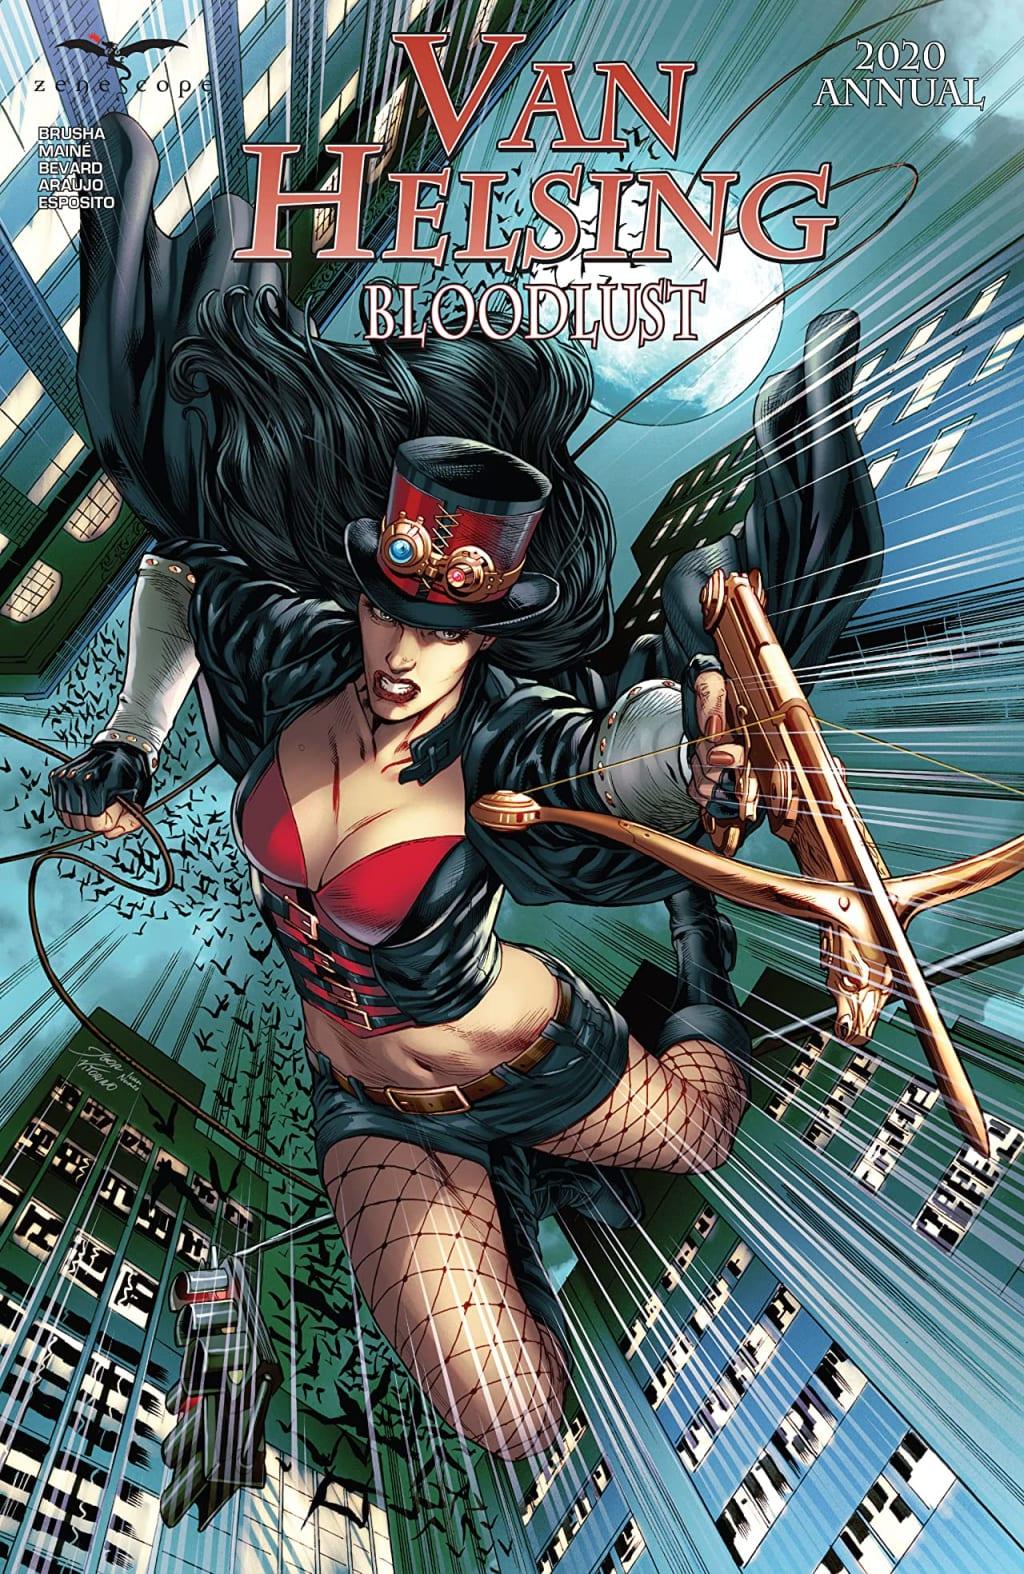 Van Helsing Bloodlust 2020 Annual